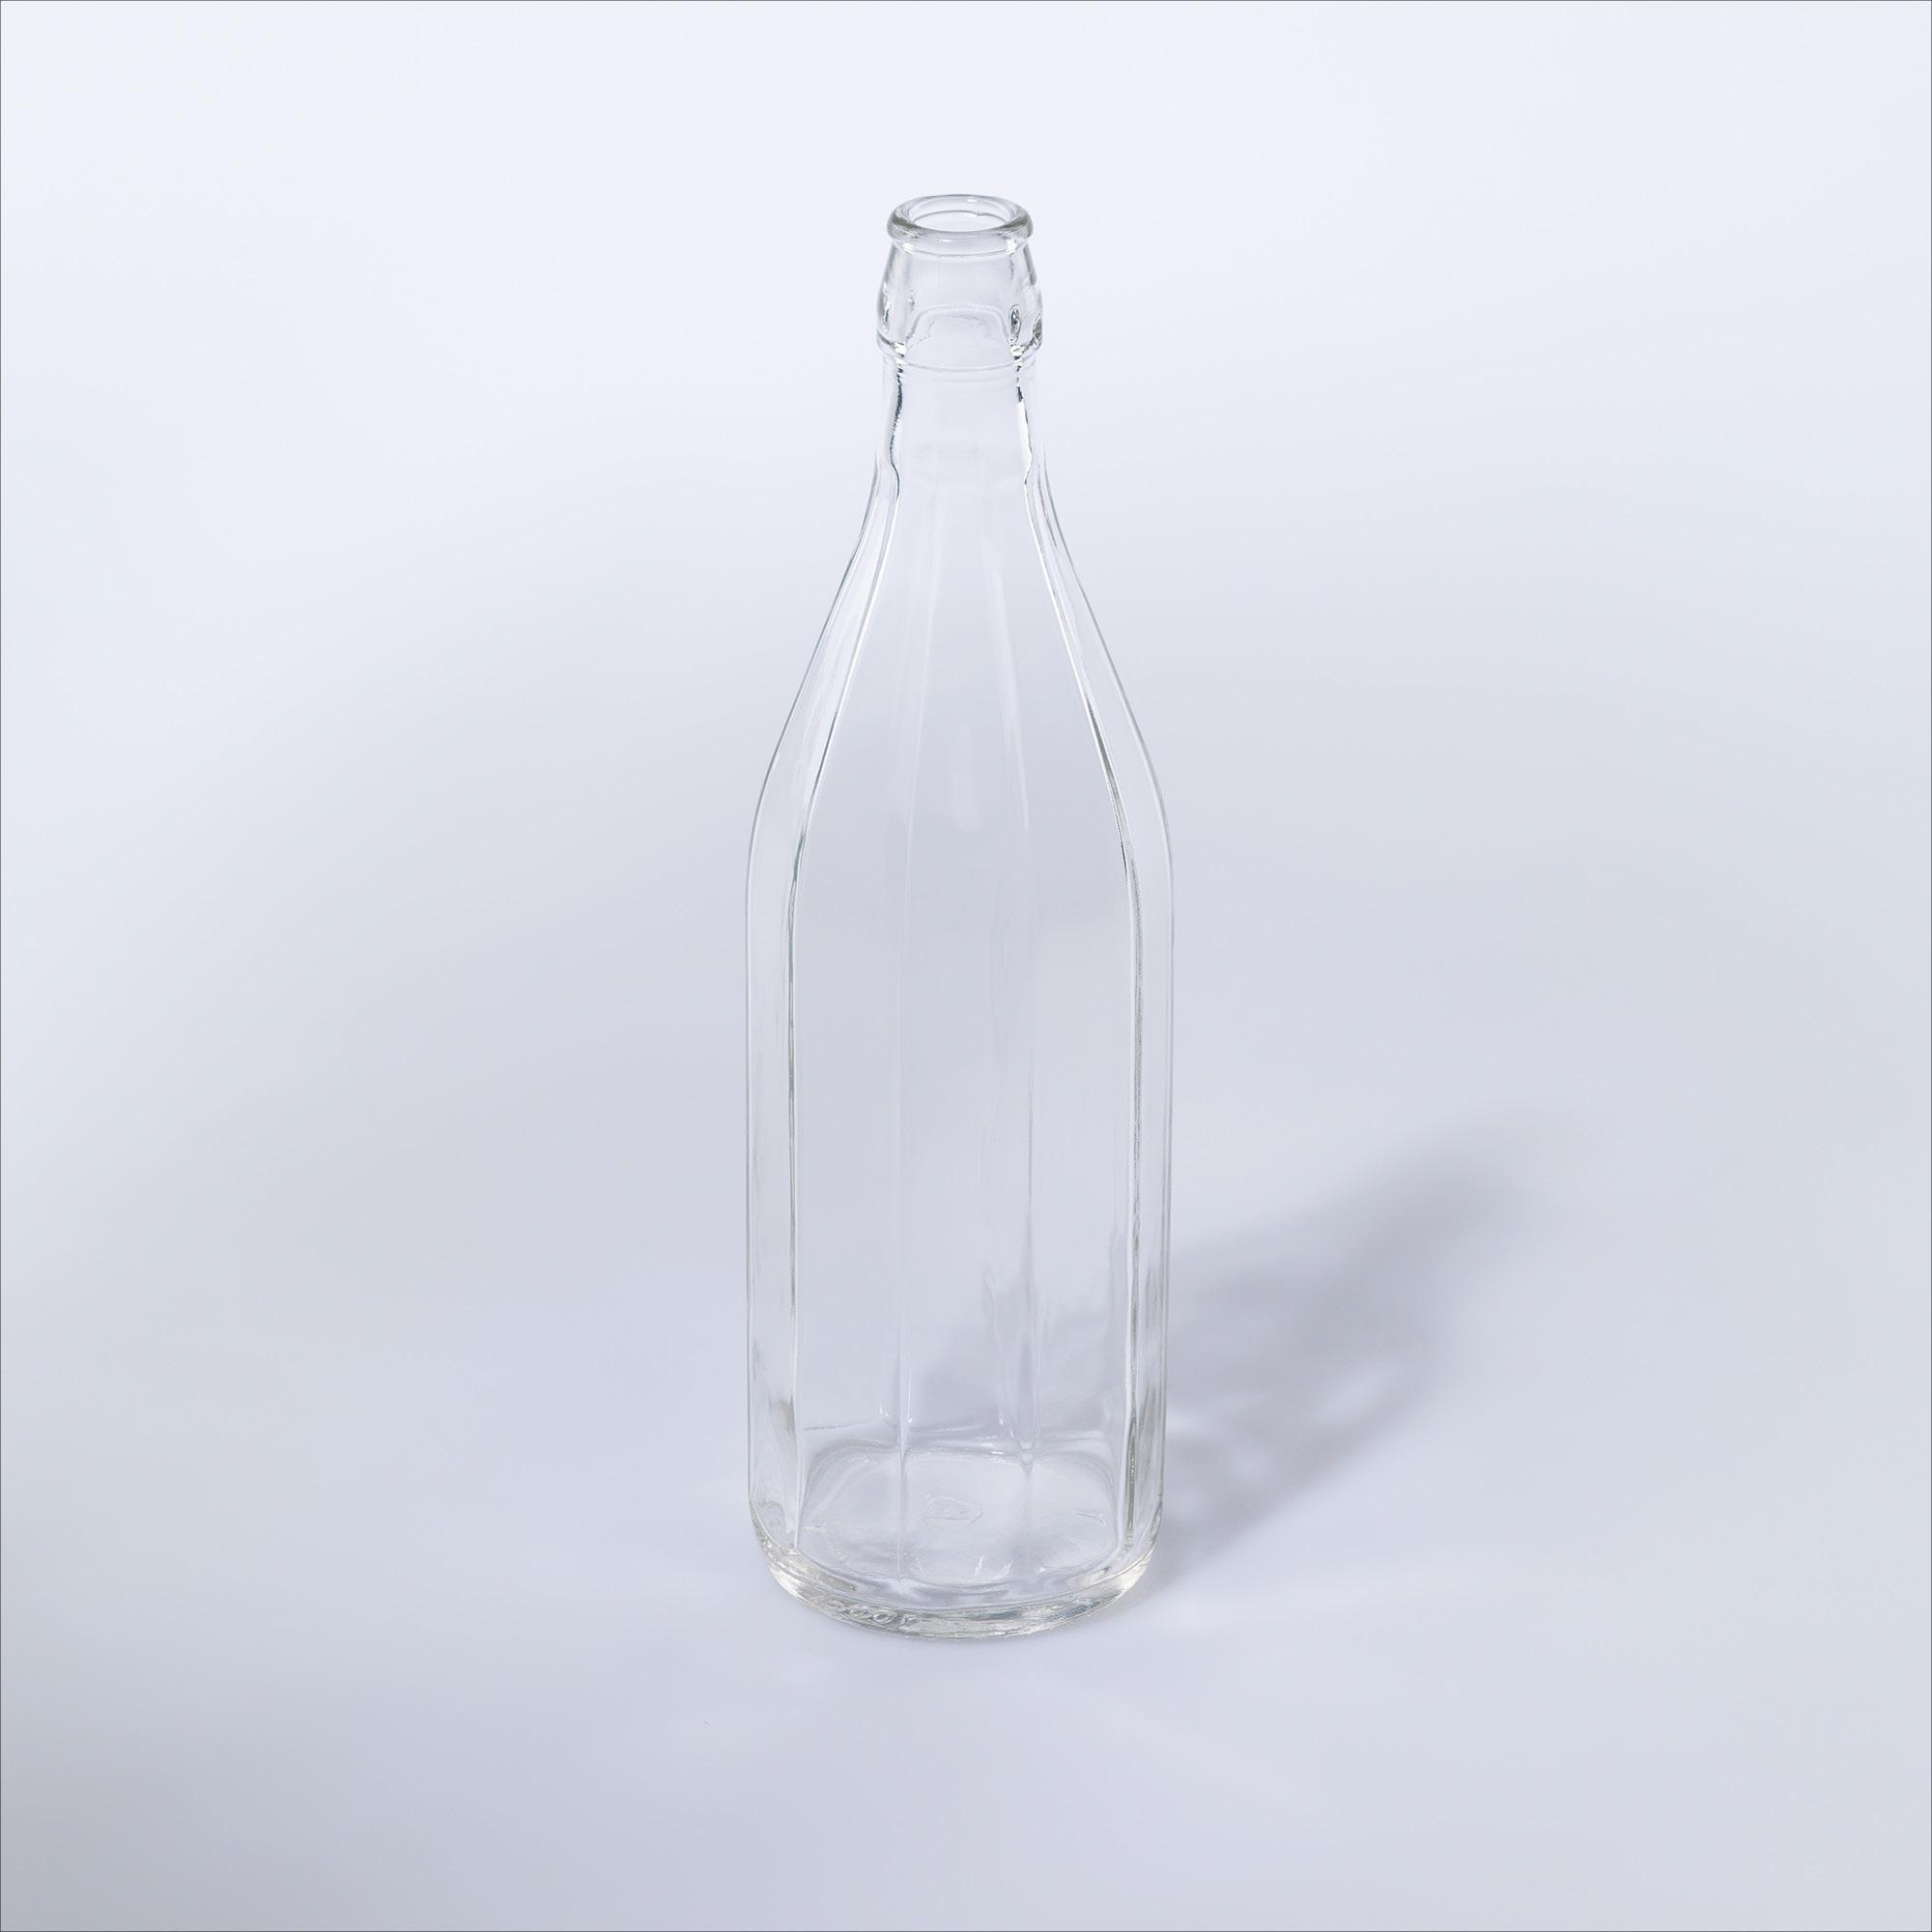 b gelverschlussflasche emma flaschen bei verpackungsstadl. Black Bedroom Furniture Sets. Home Design Ideas